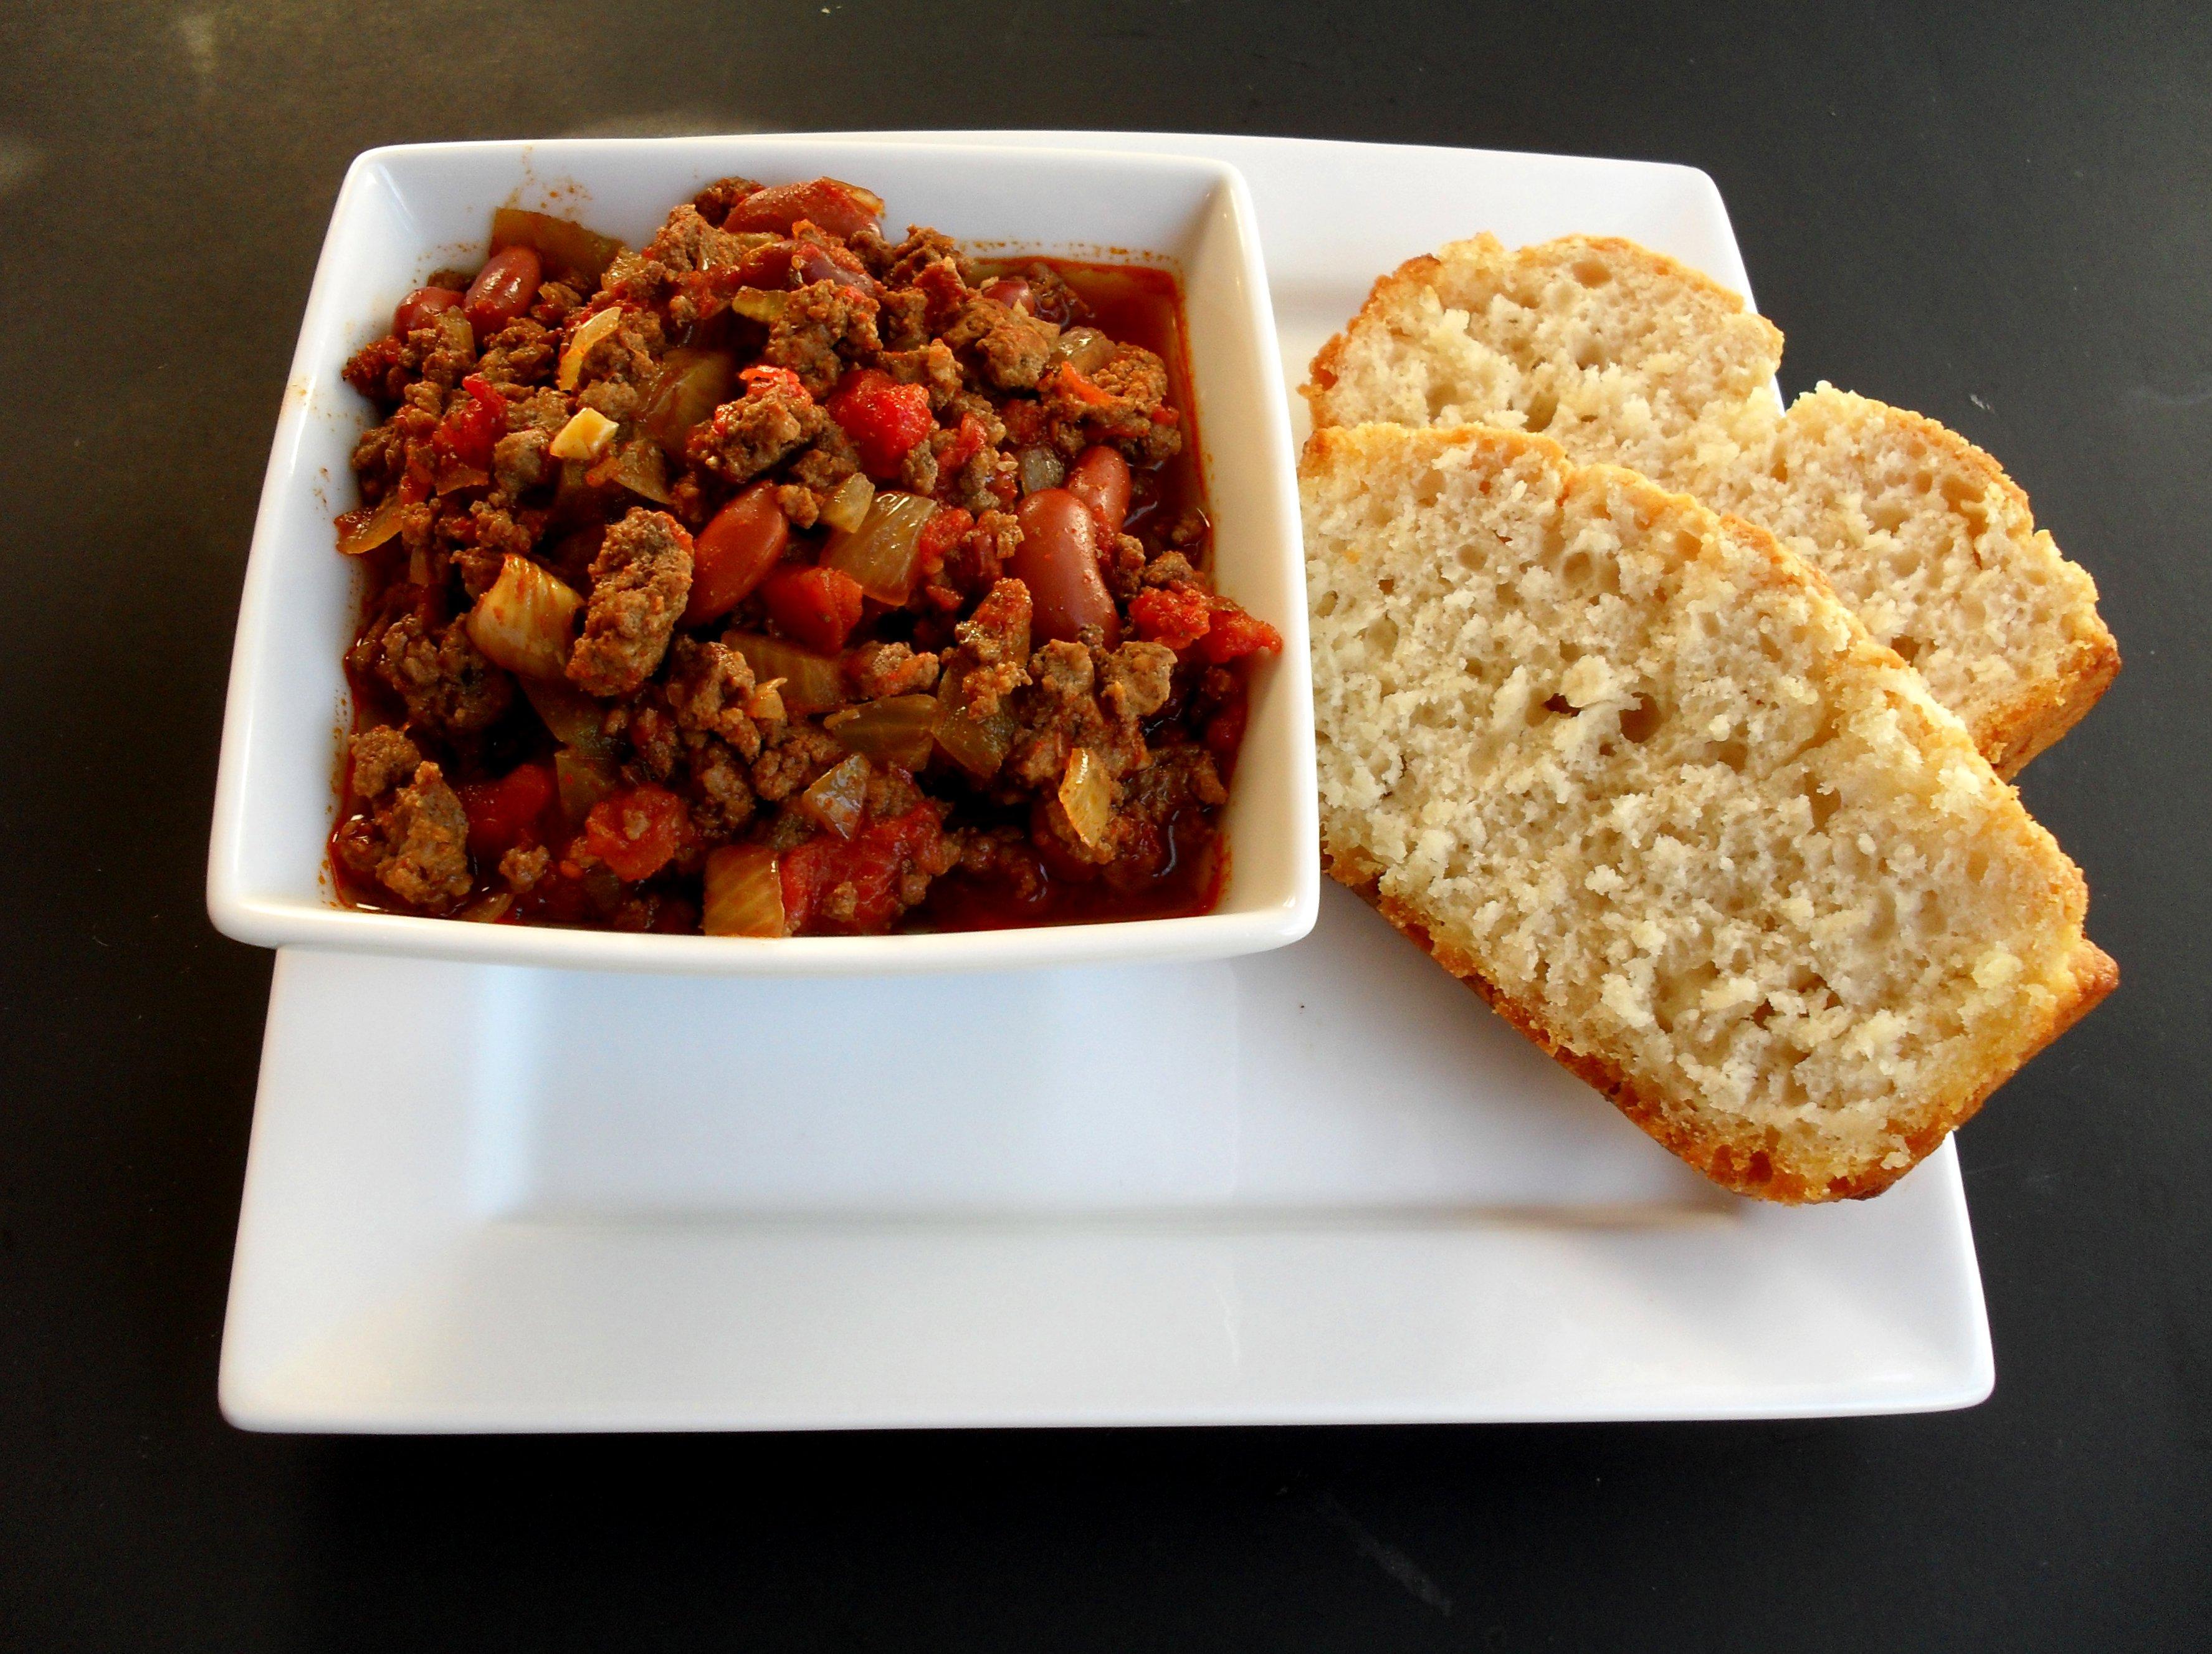 Jimmy Fallon's Crock-Pot Chili | Veronica's Cornucopia